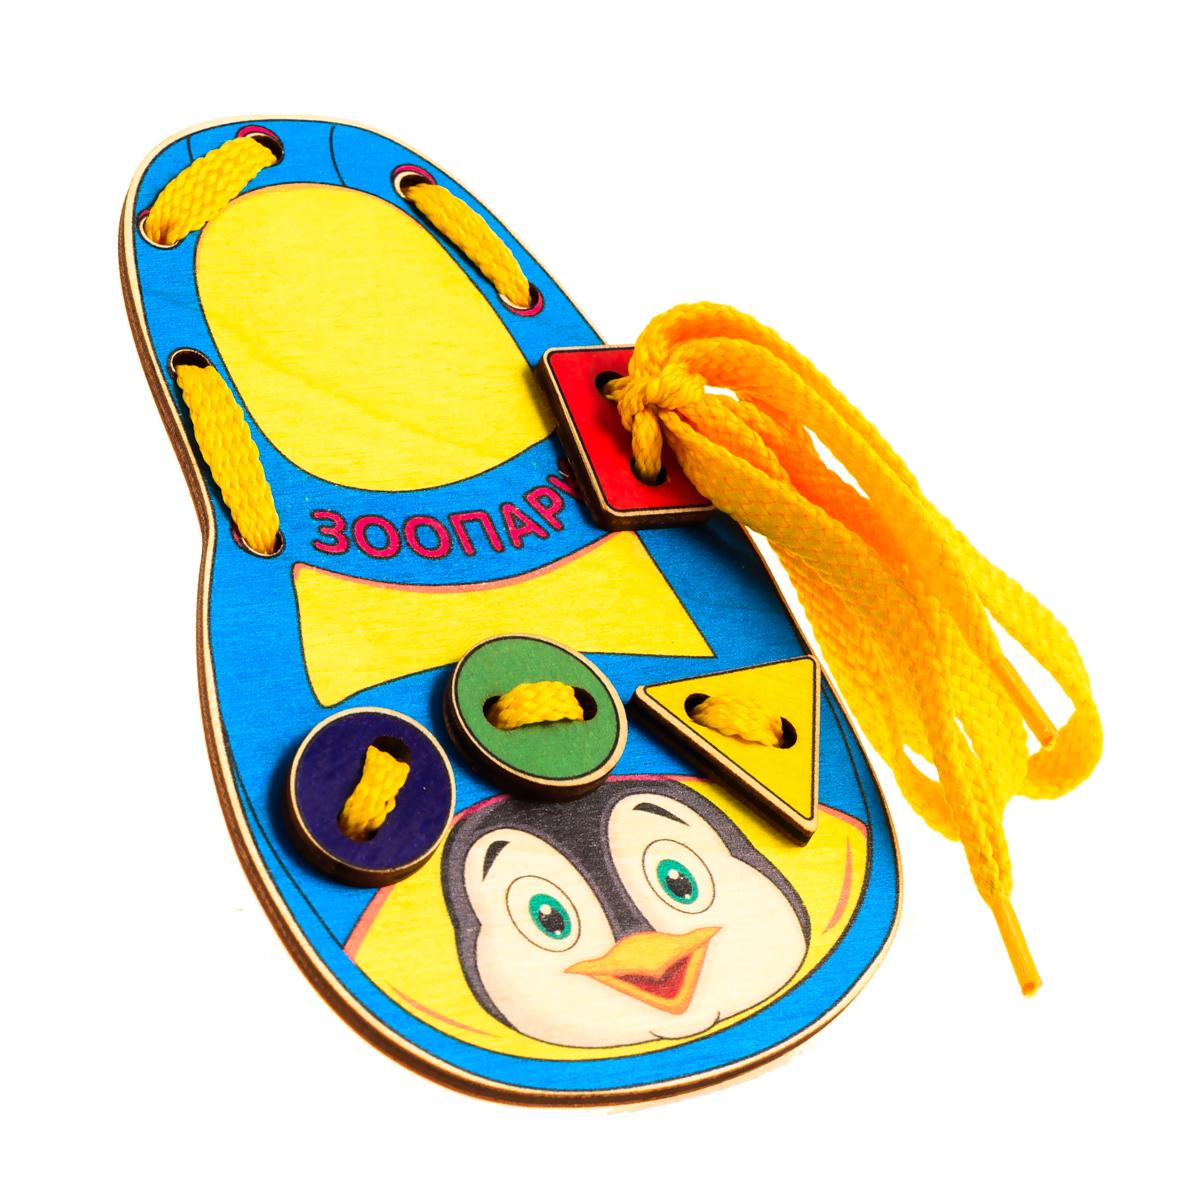 Развивающие деревянные игрушки Шнуровка Башмачок Зоопарк Пингвиненок остатки фанеры купить в минске